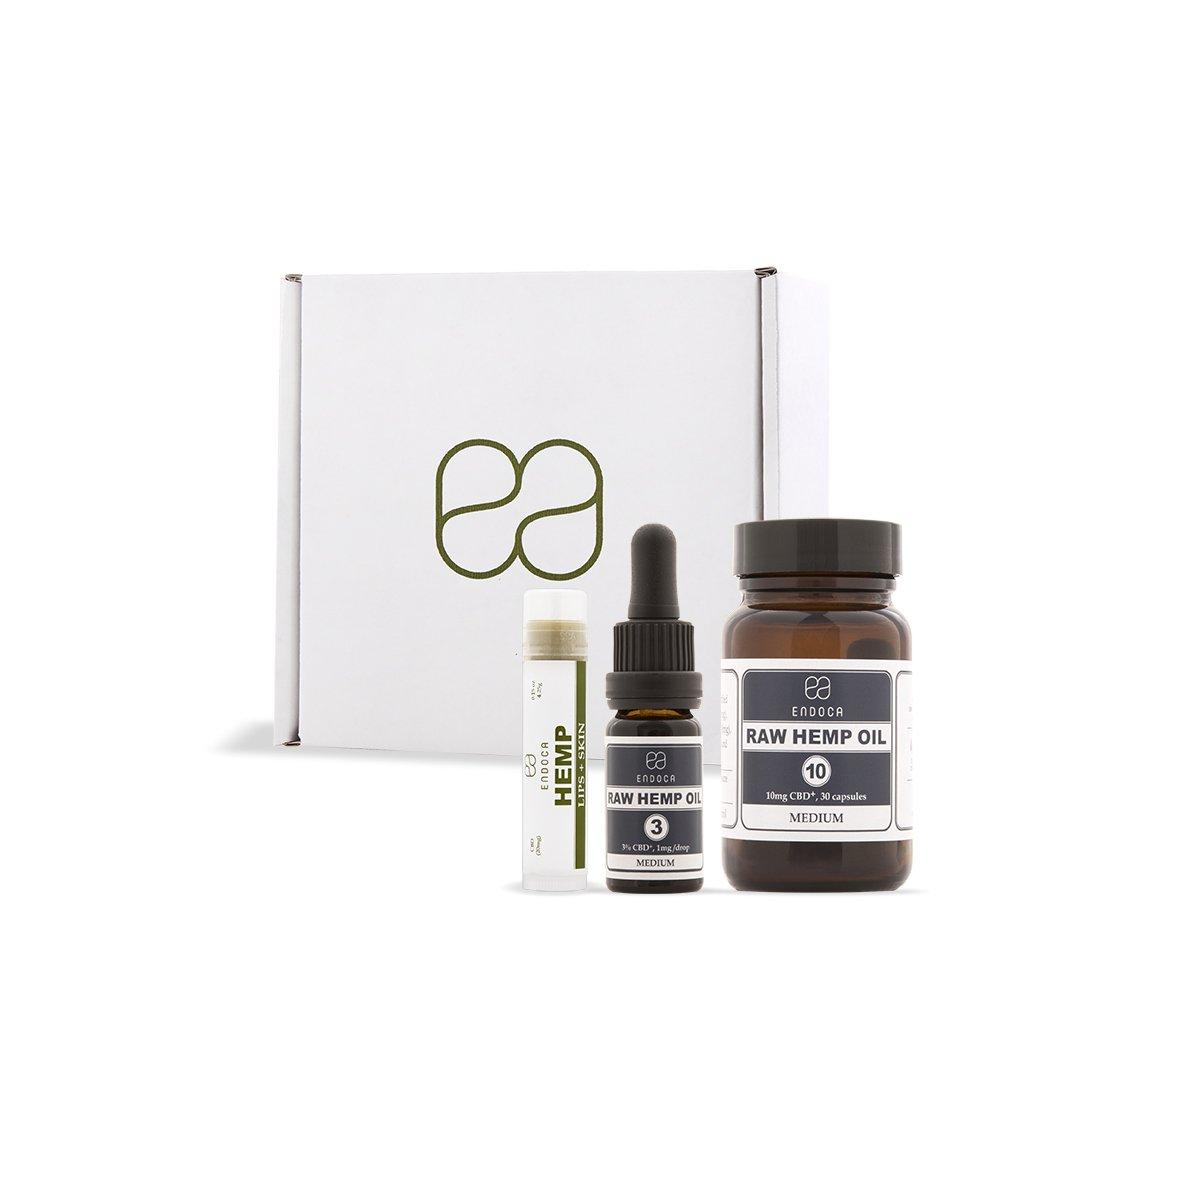 Endoca CBD Packs buy online at Authentic Organic CBD